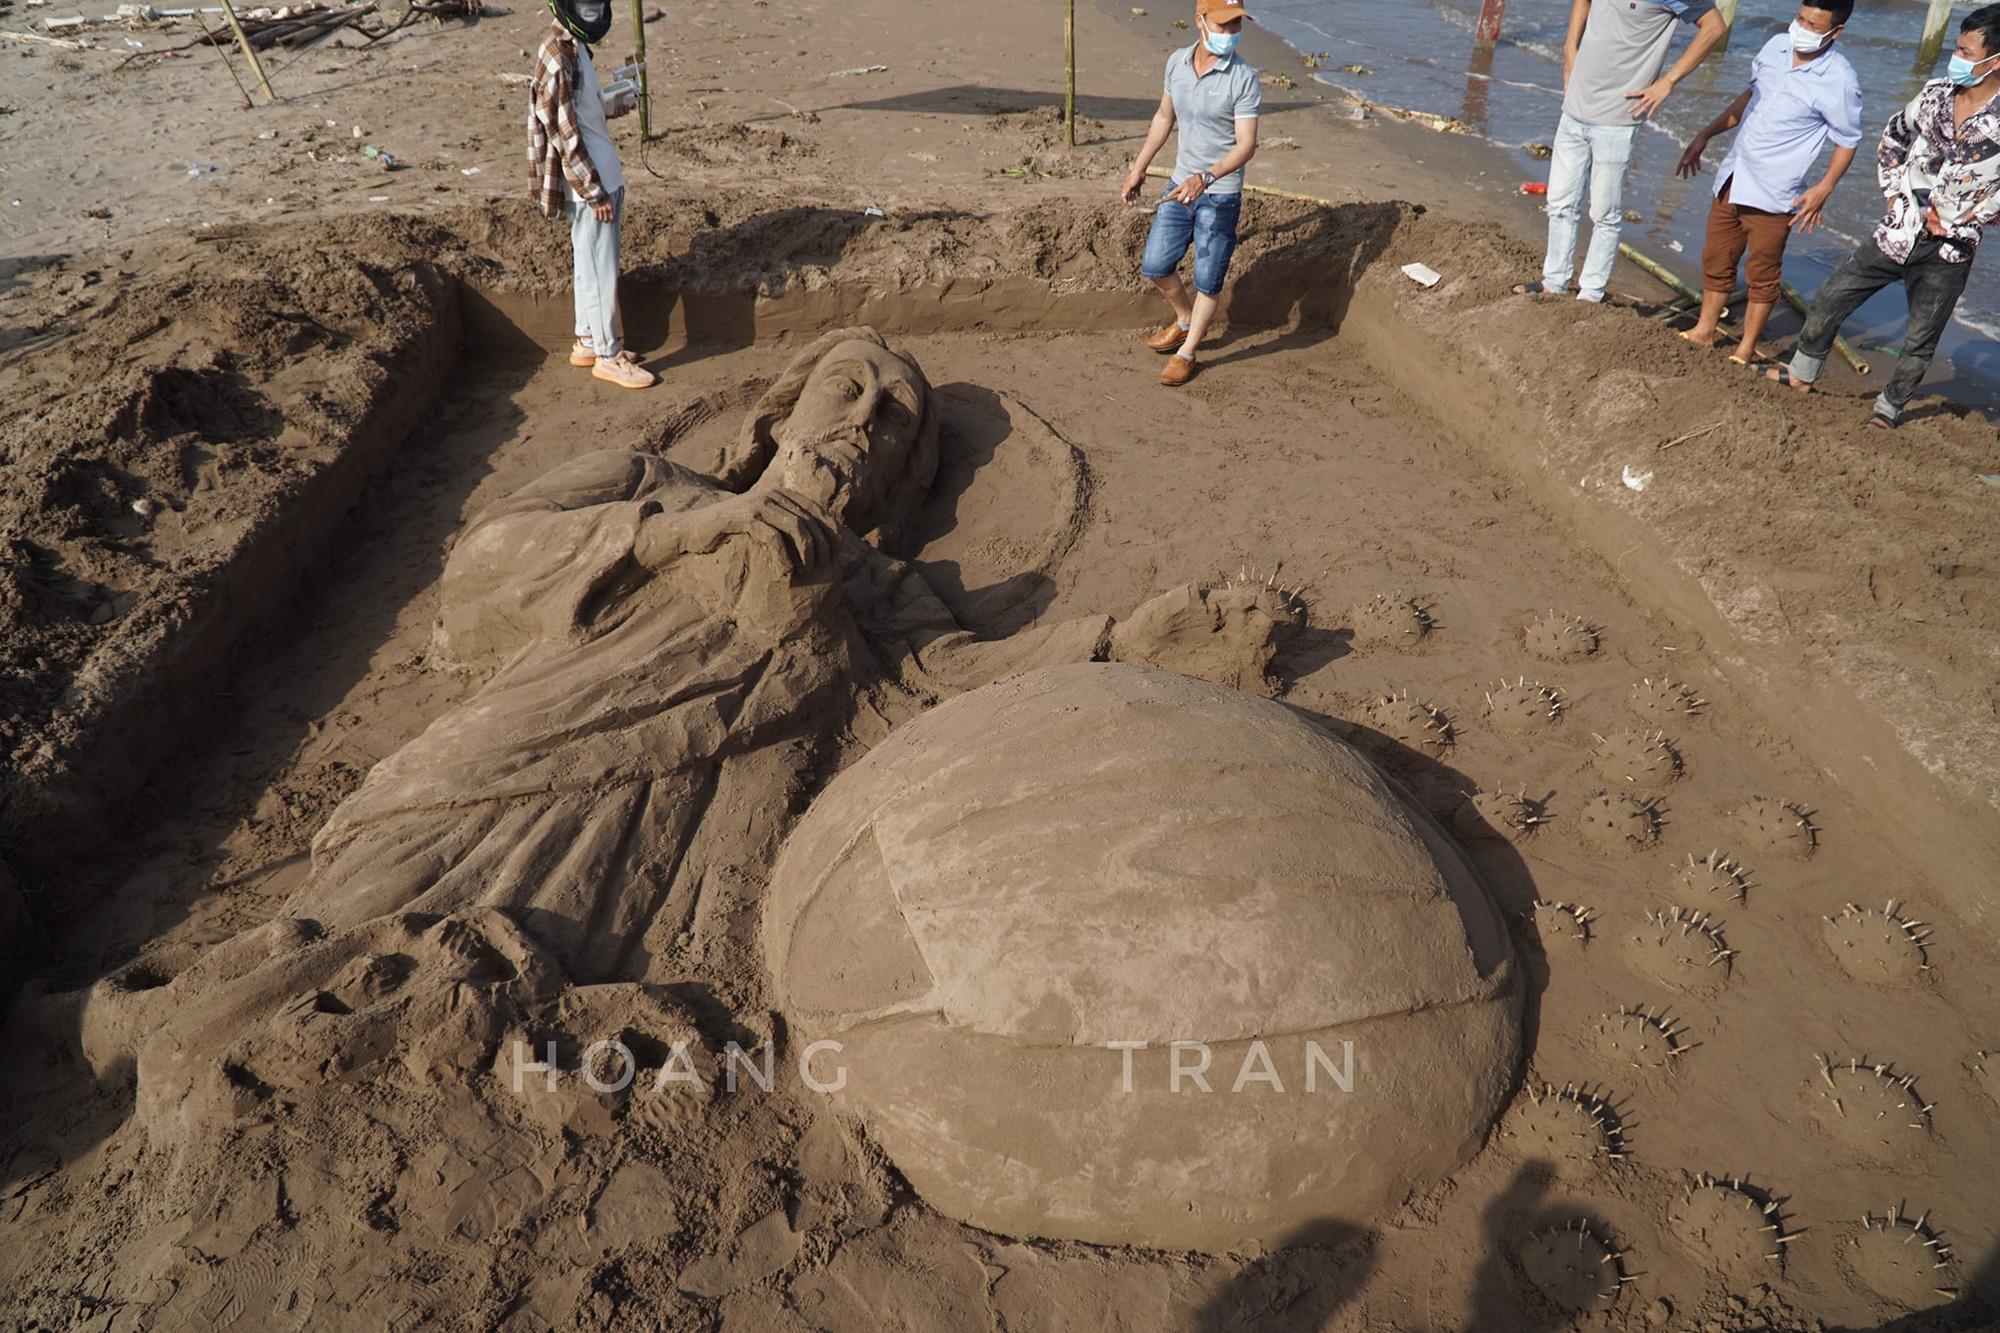 """Nam Định: Độc đáo tác phẩm """"Chúa sẽ che chở cho thế giới thoát khỏi đại dịch Covid-19"""" trên bãi biển - Ảnh 10."""